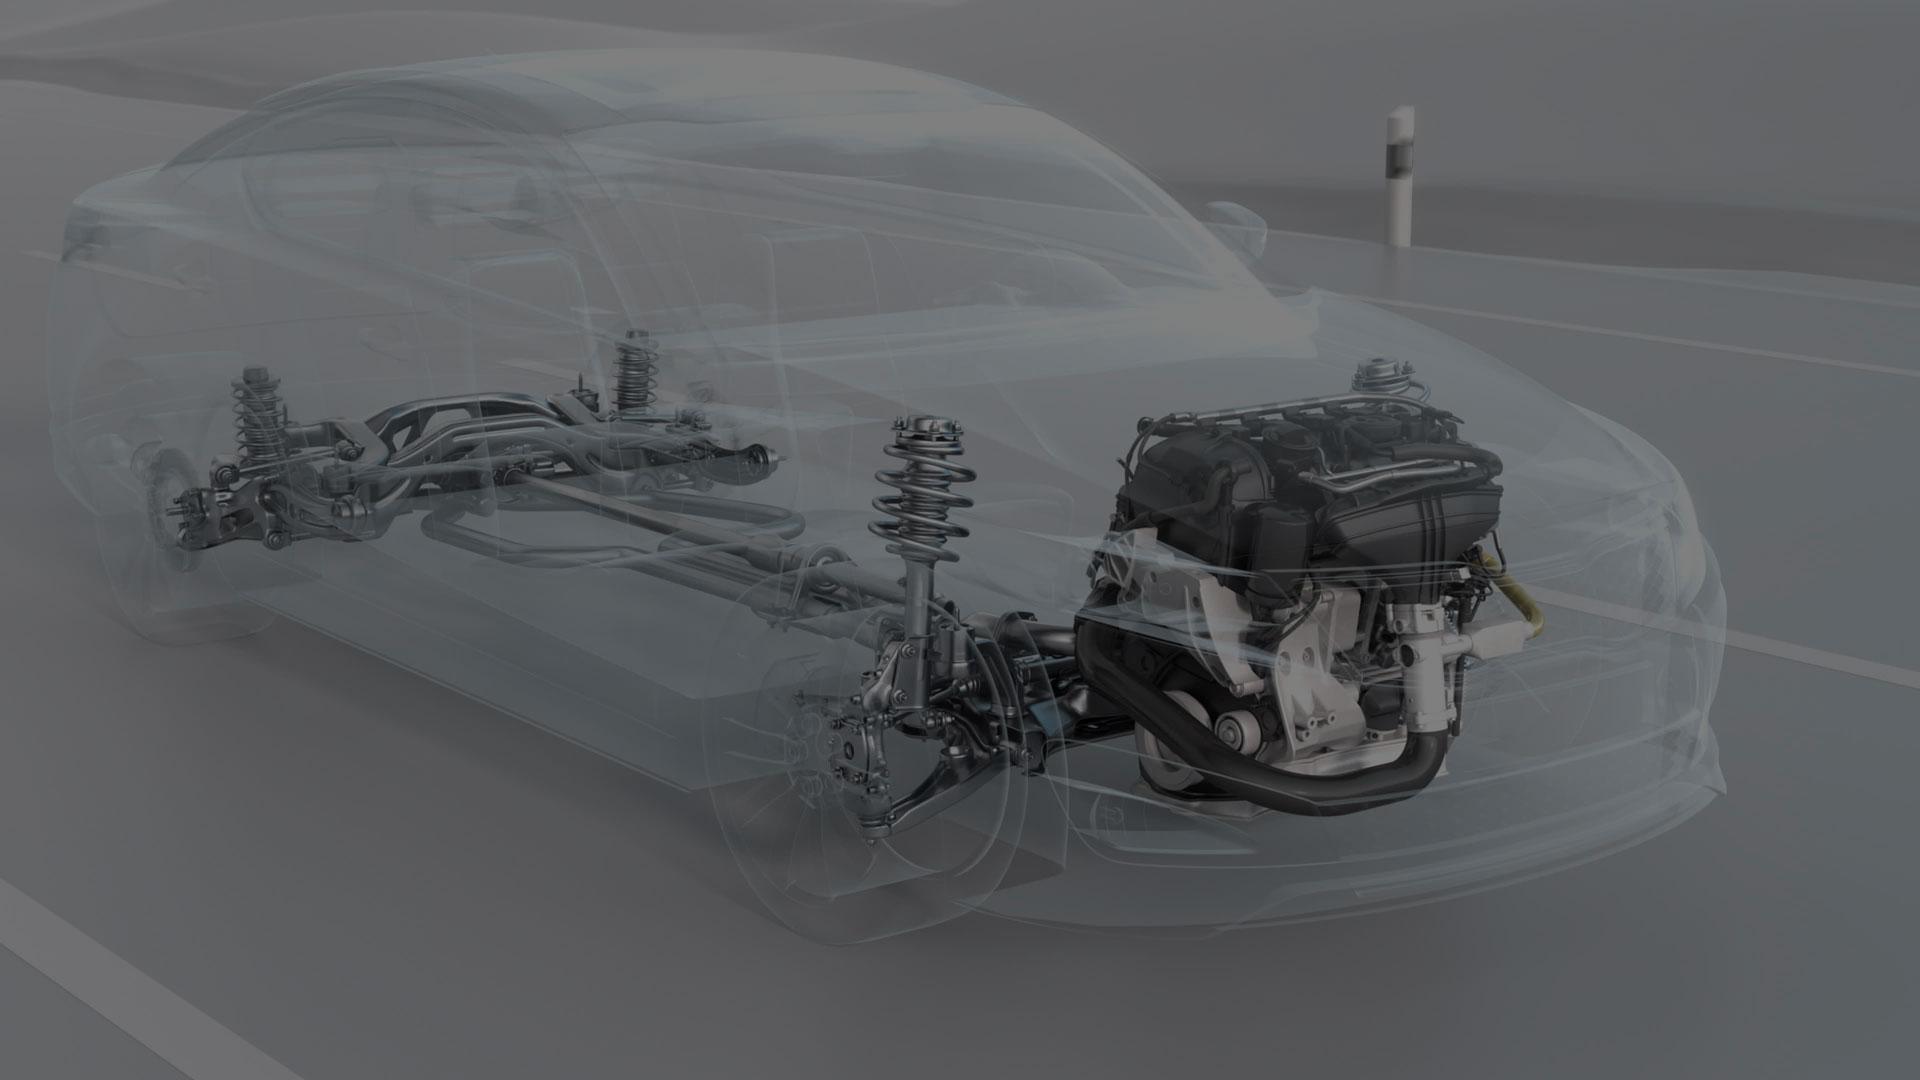 moteur-voiture-detoure-slider-paris-ile-de-France-occasion-neuf-livre-75-91-93-94-78-77-92-pas-cher-livraison-rapide